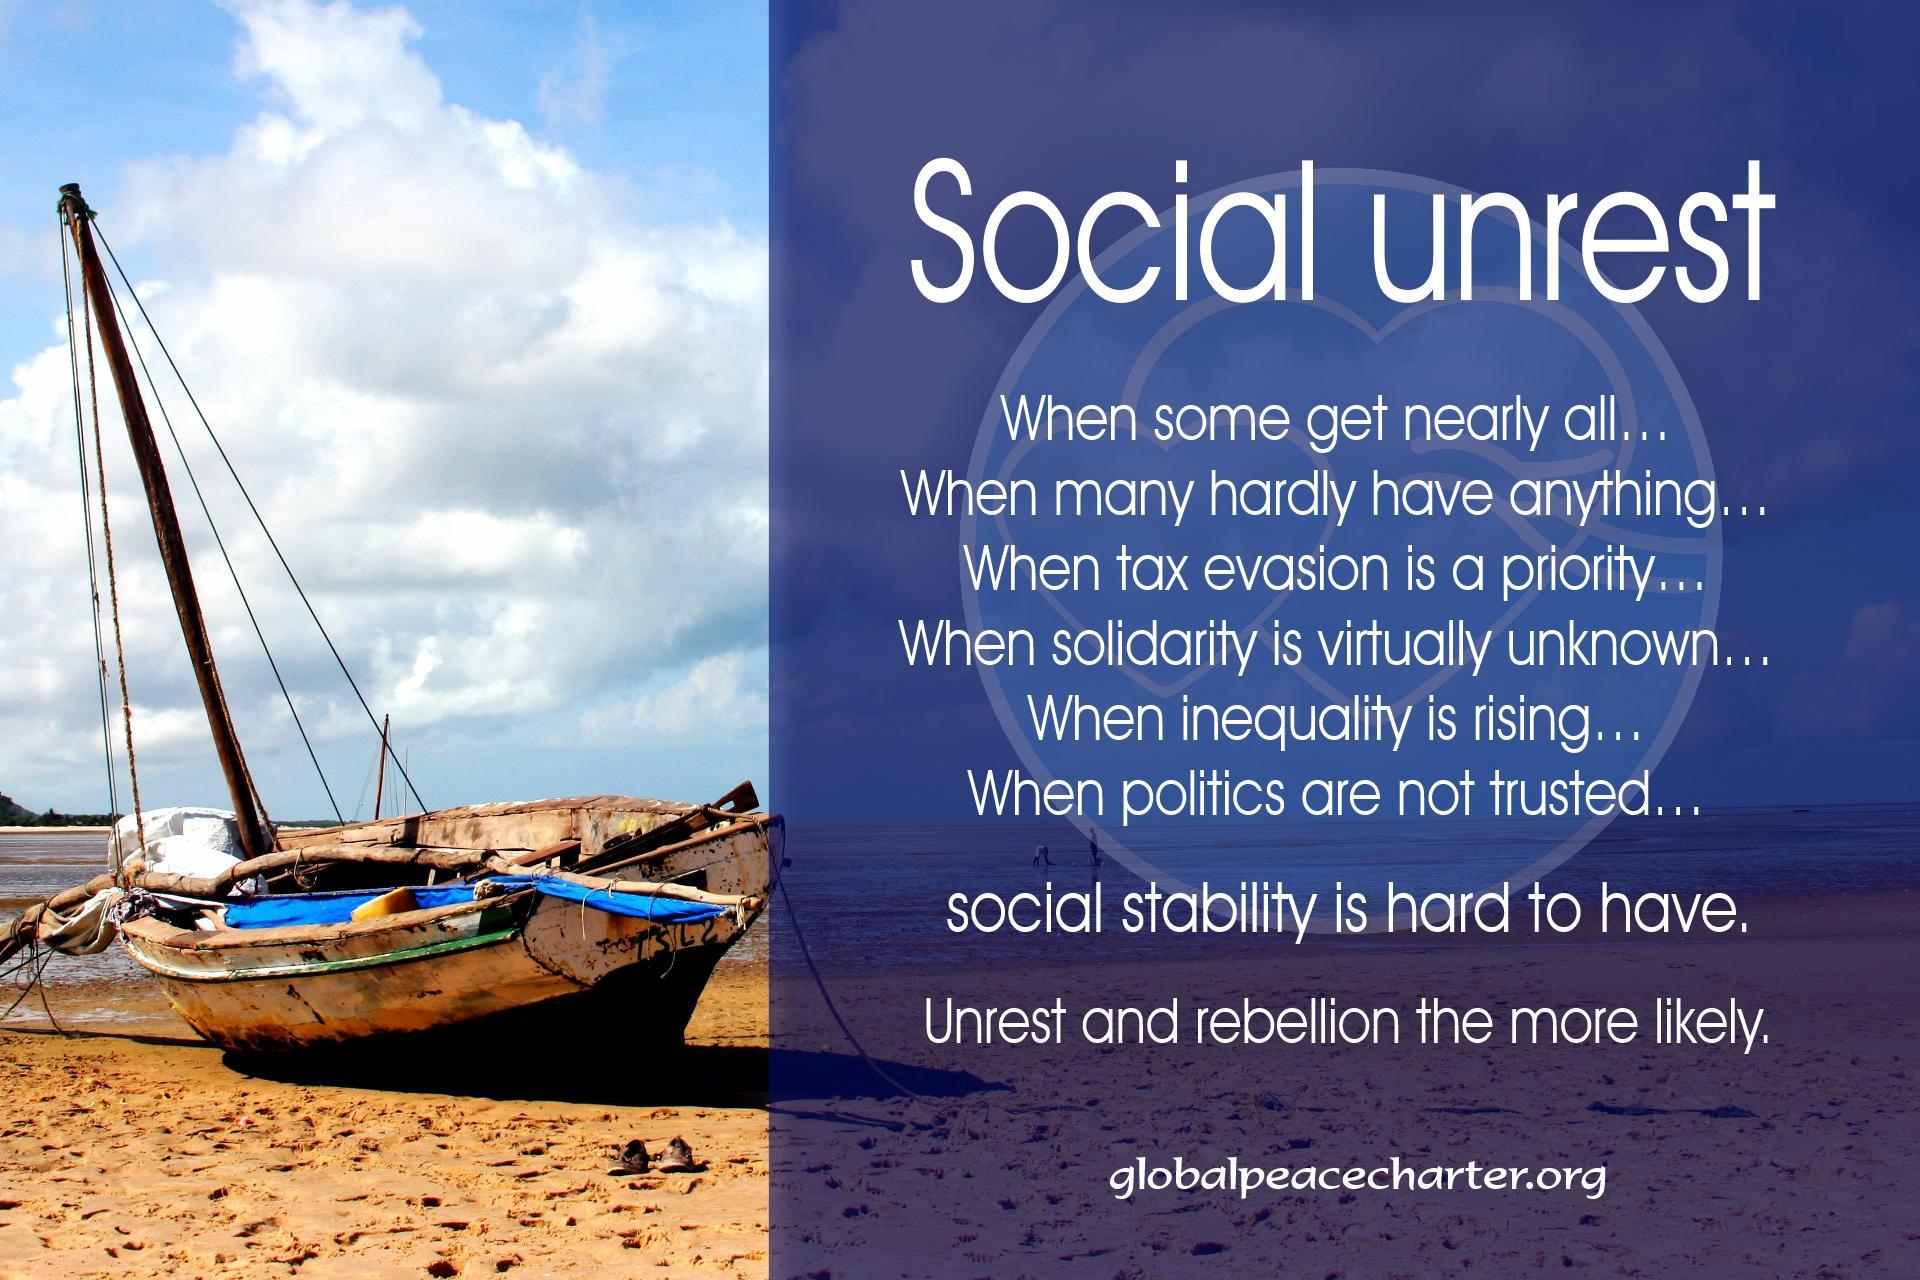 Social unrest